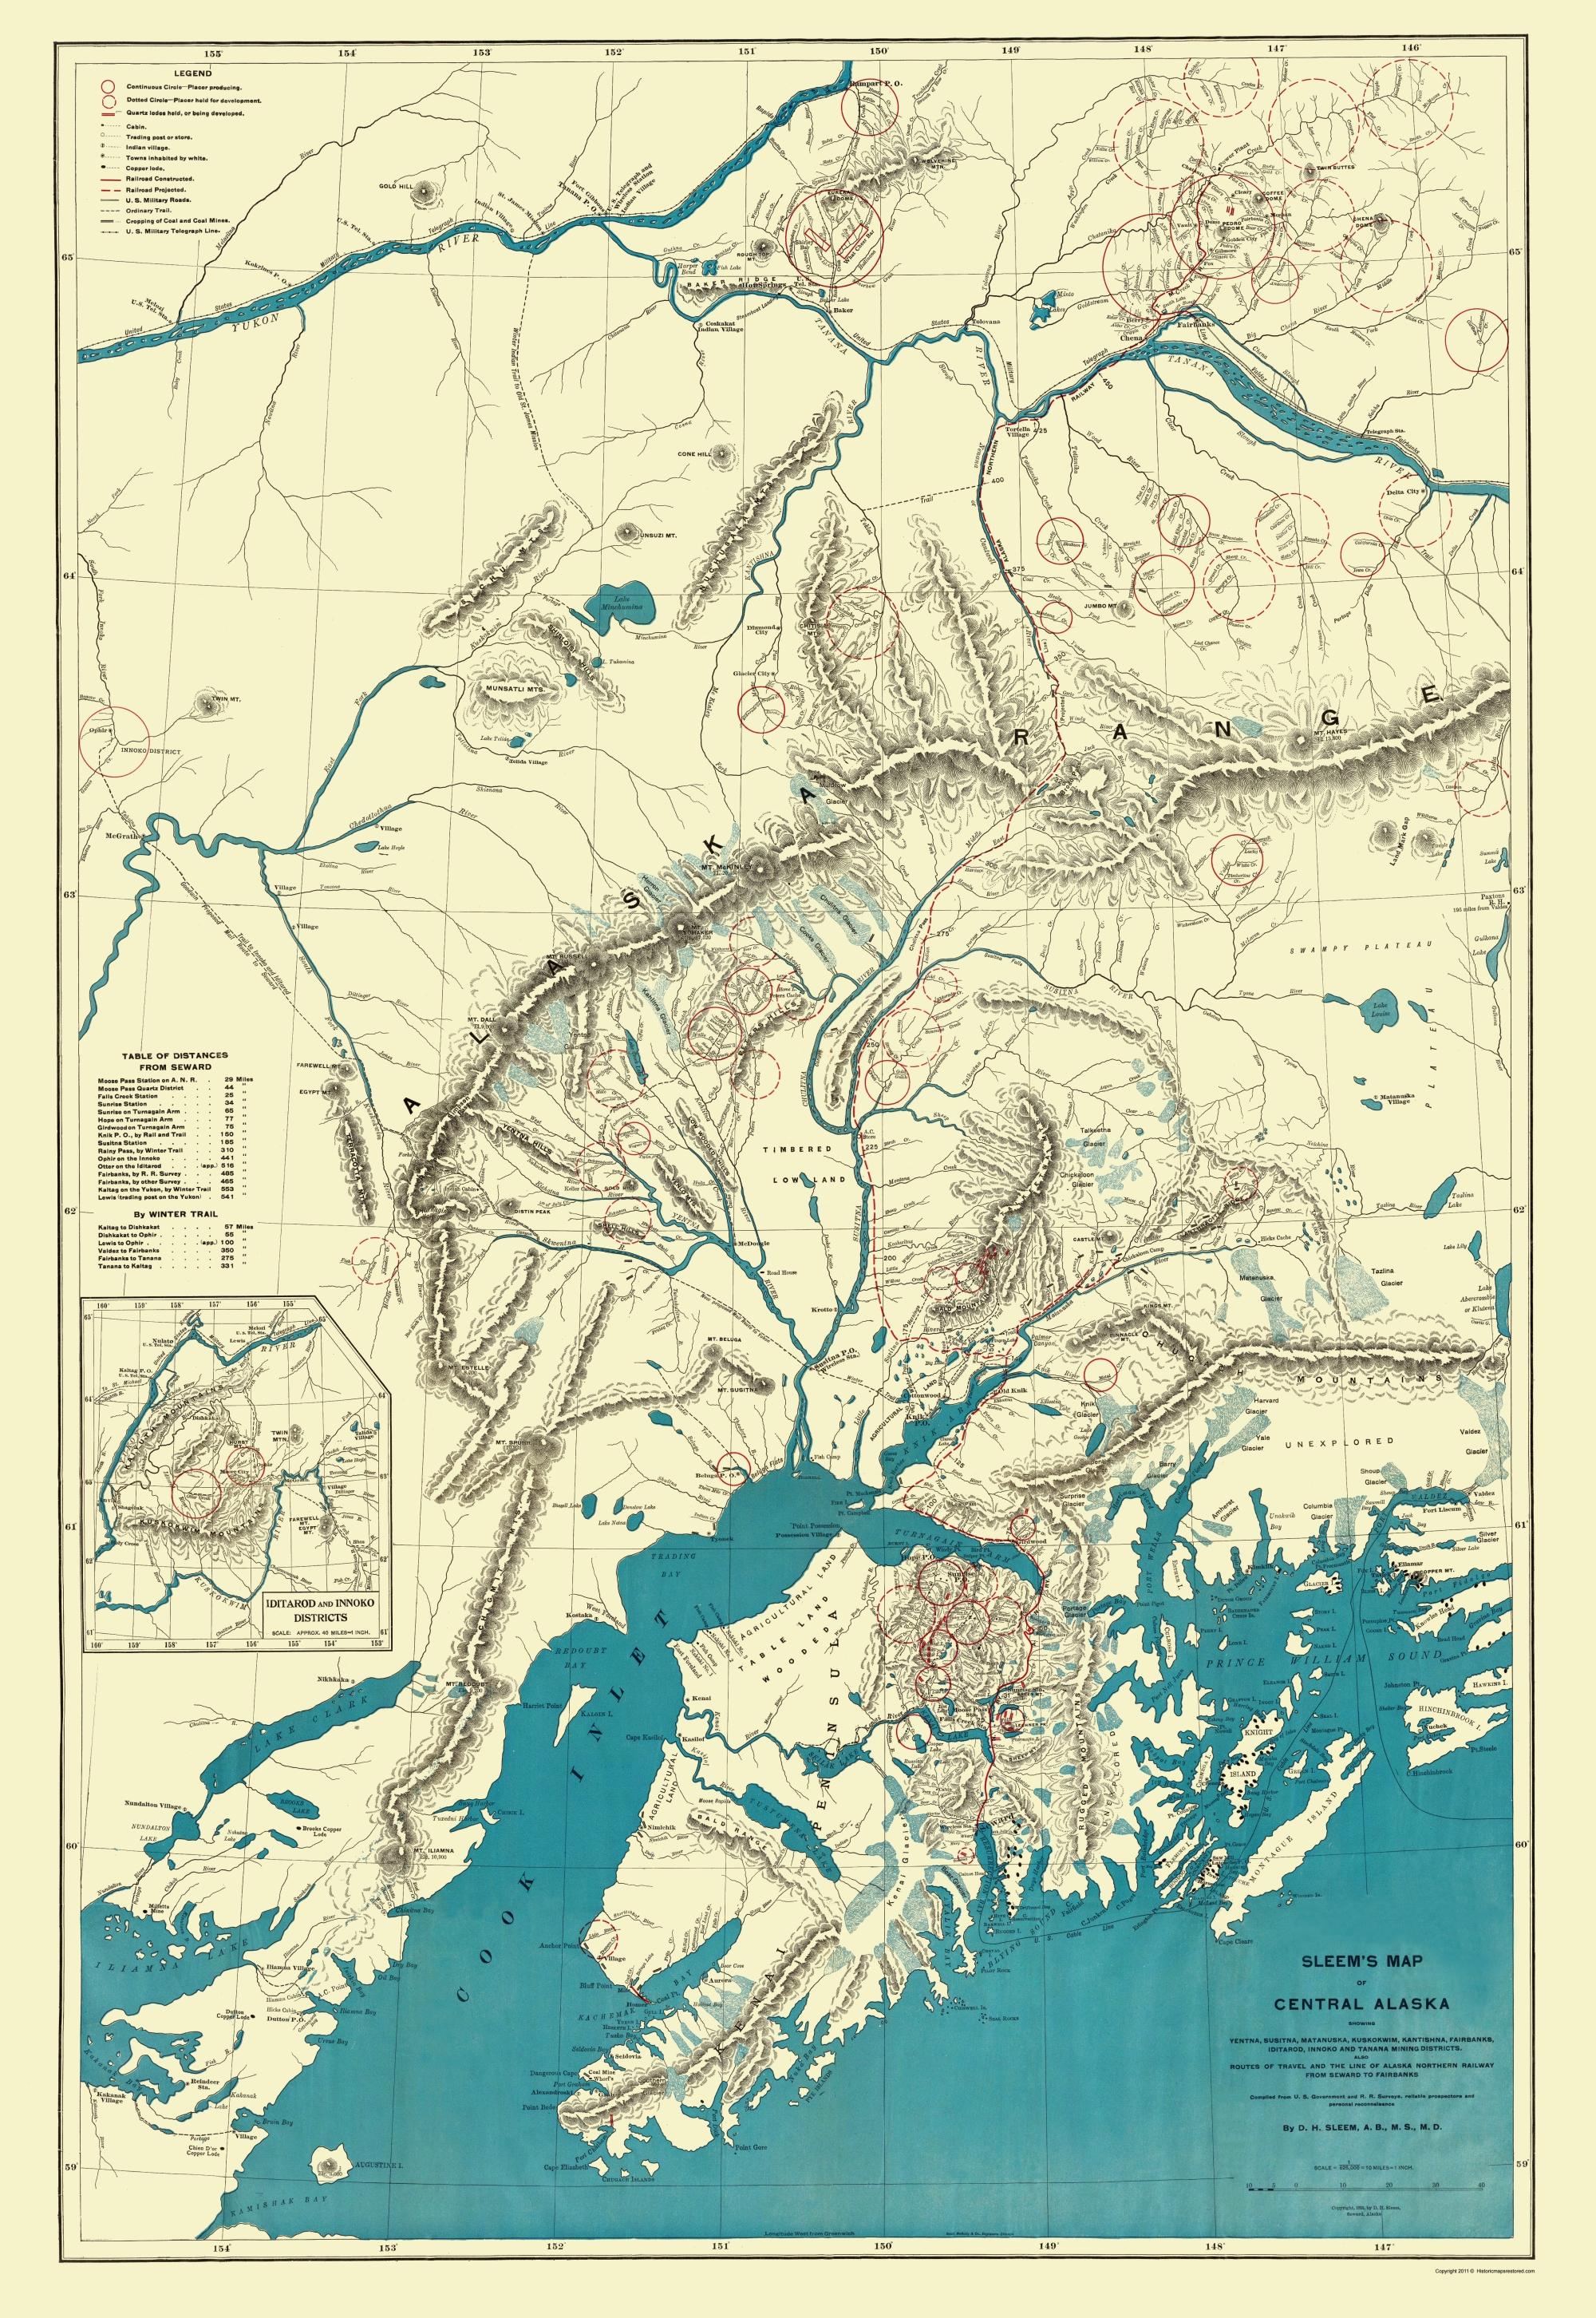 Old State Map Alaska Central Portion Sleem - United states map alaska